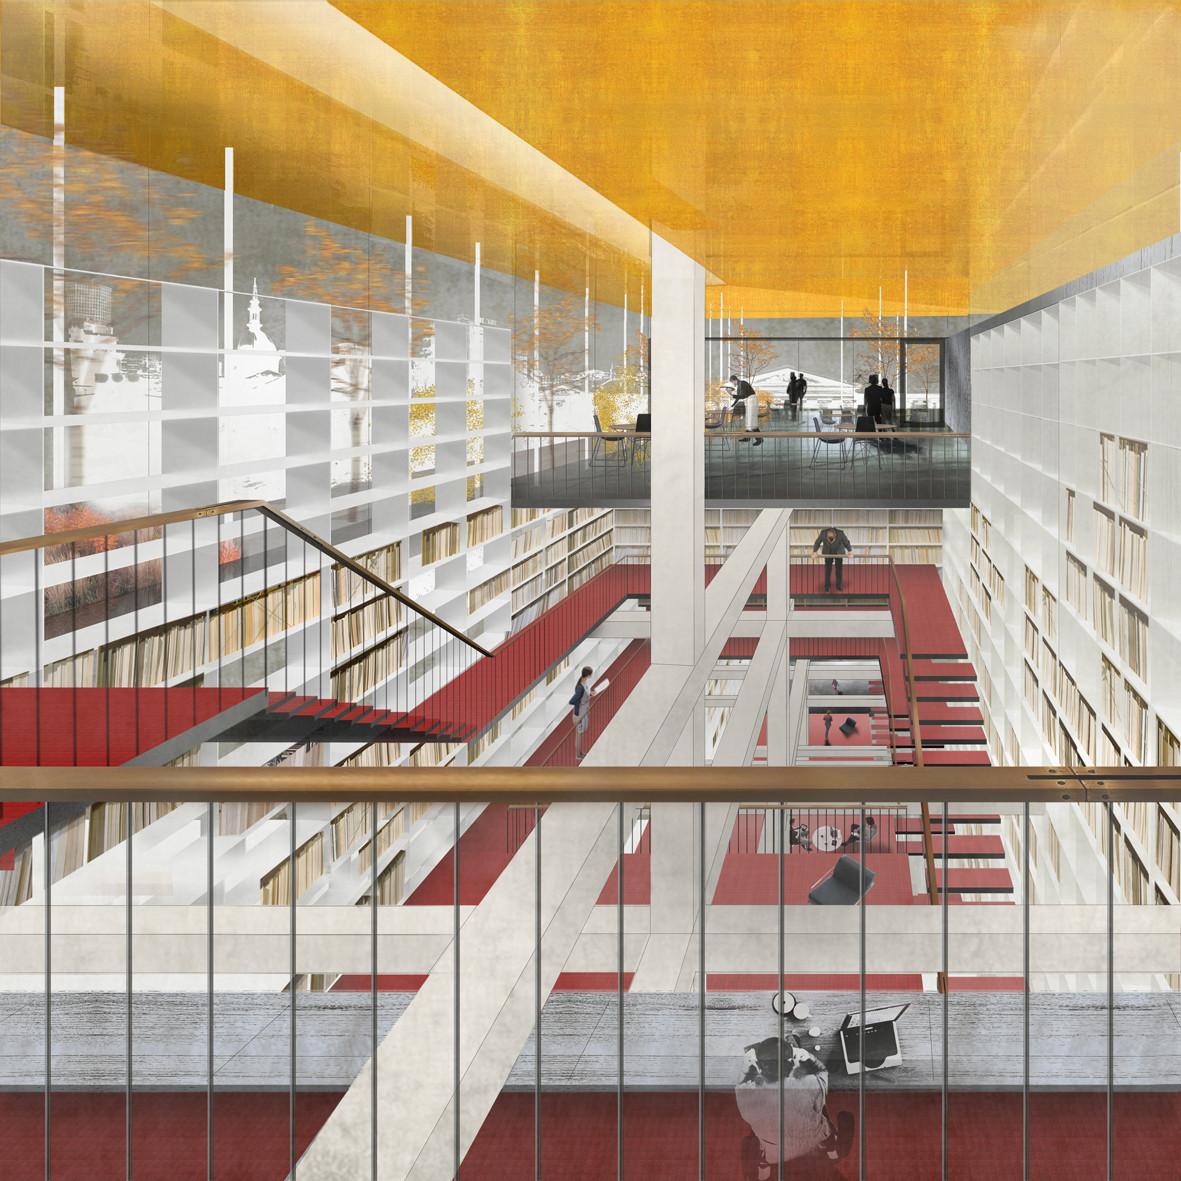 Rehabilitación de la Biblioteca del Congreso Nacional ya tiene ganador: Beals+Lyon / Chile, Cortesia de Ministerio de Obras Públicas